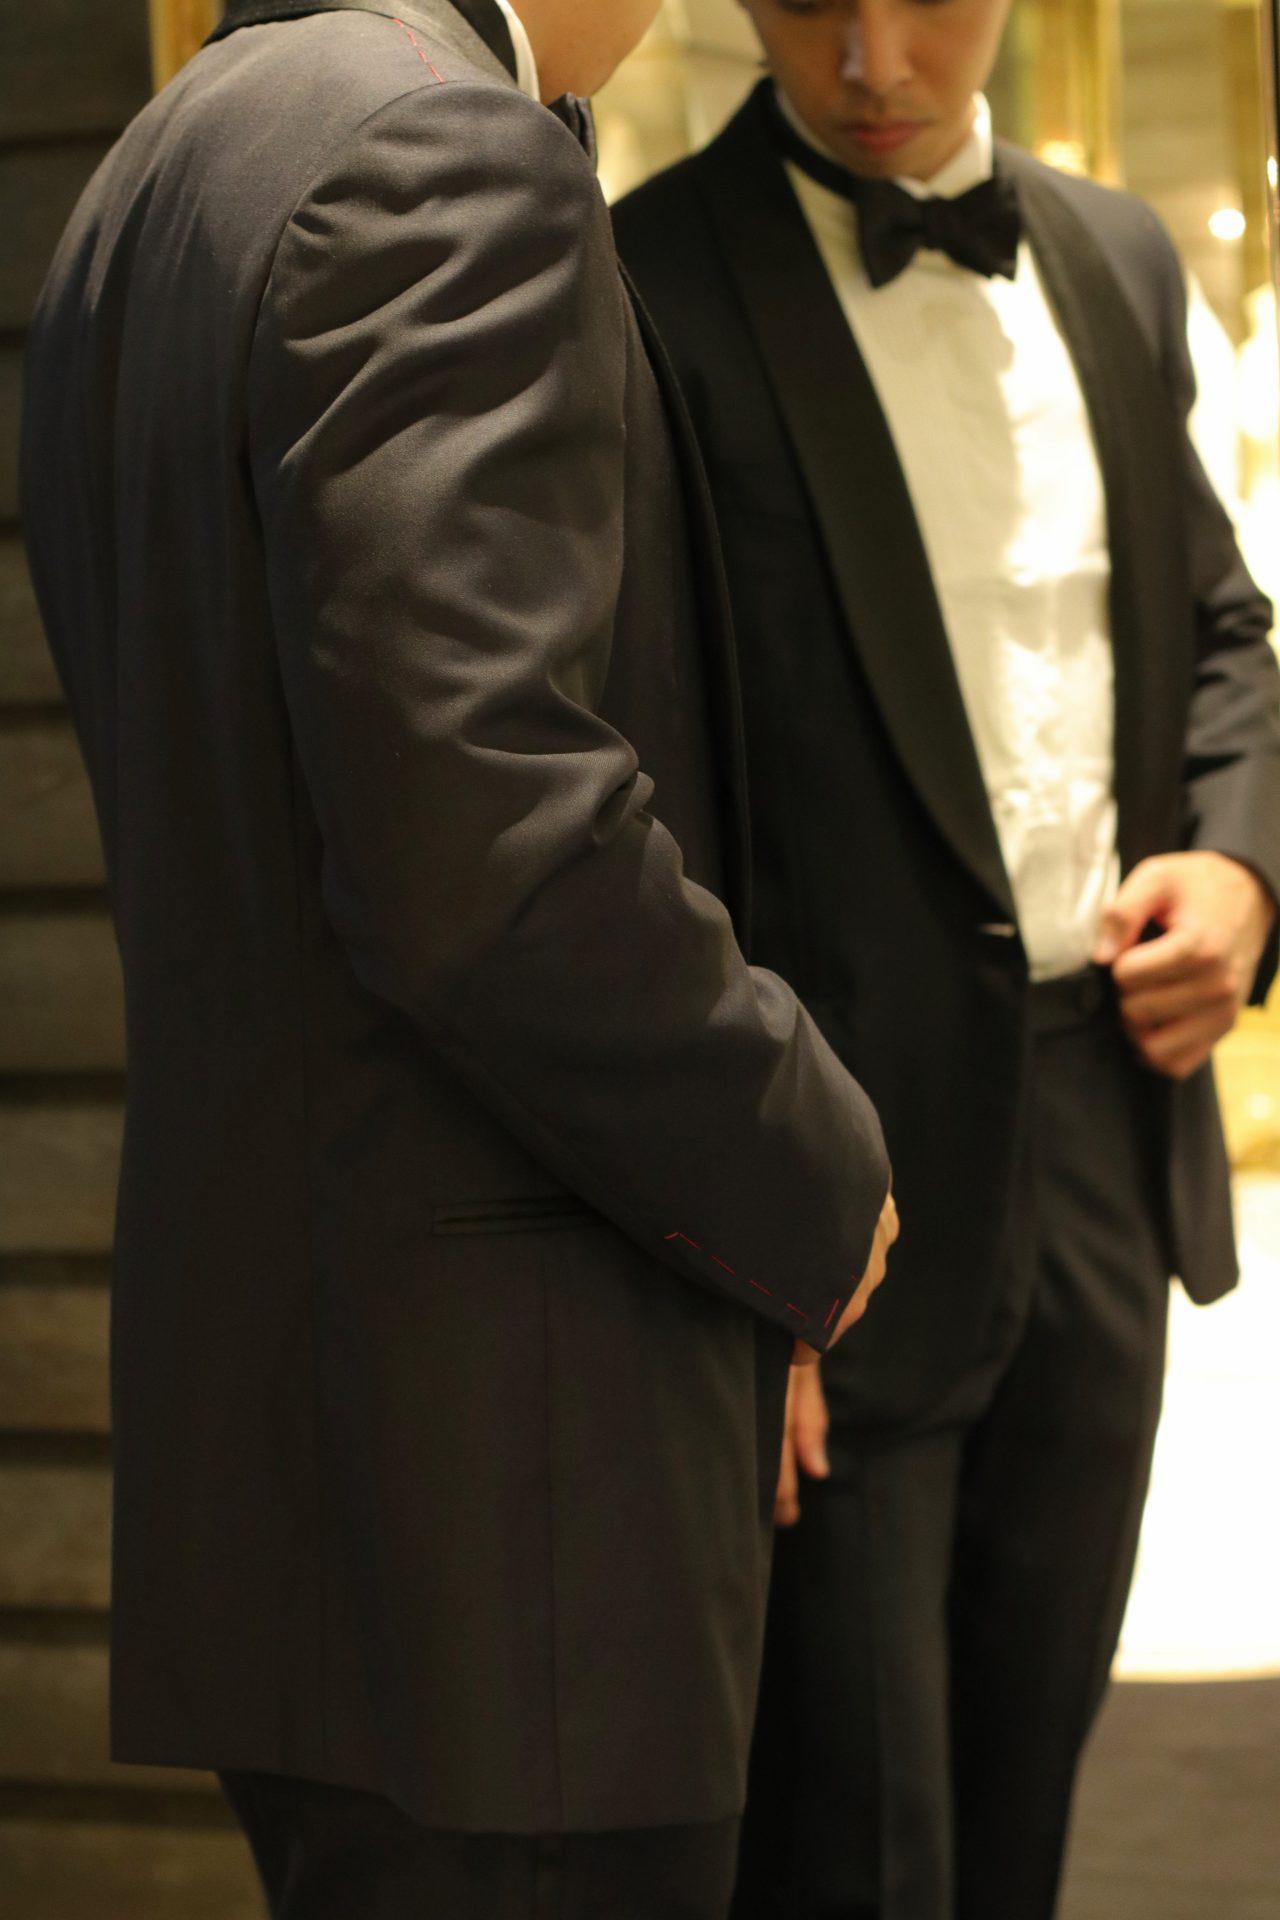 新郎様のレンタルタキシードや販売タキシードをご用意している、表参道にあるTHE TREAT DRESSING ADDITION店(ザ・トリート・ドレッシング アディション店)では新婦様のウェディングドレスやカラードレスに合う、ブラックのフォーマルなタキシードスタイルが人気です